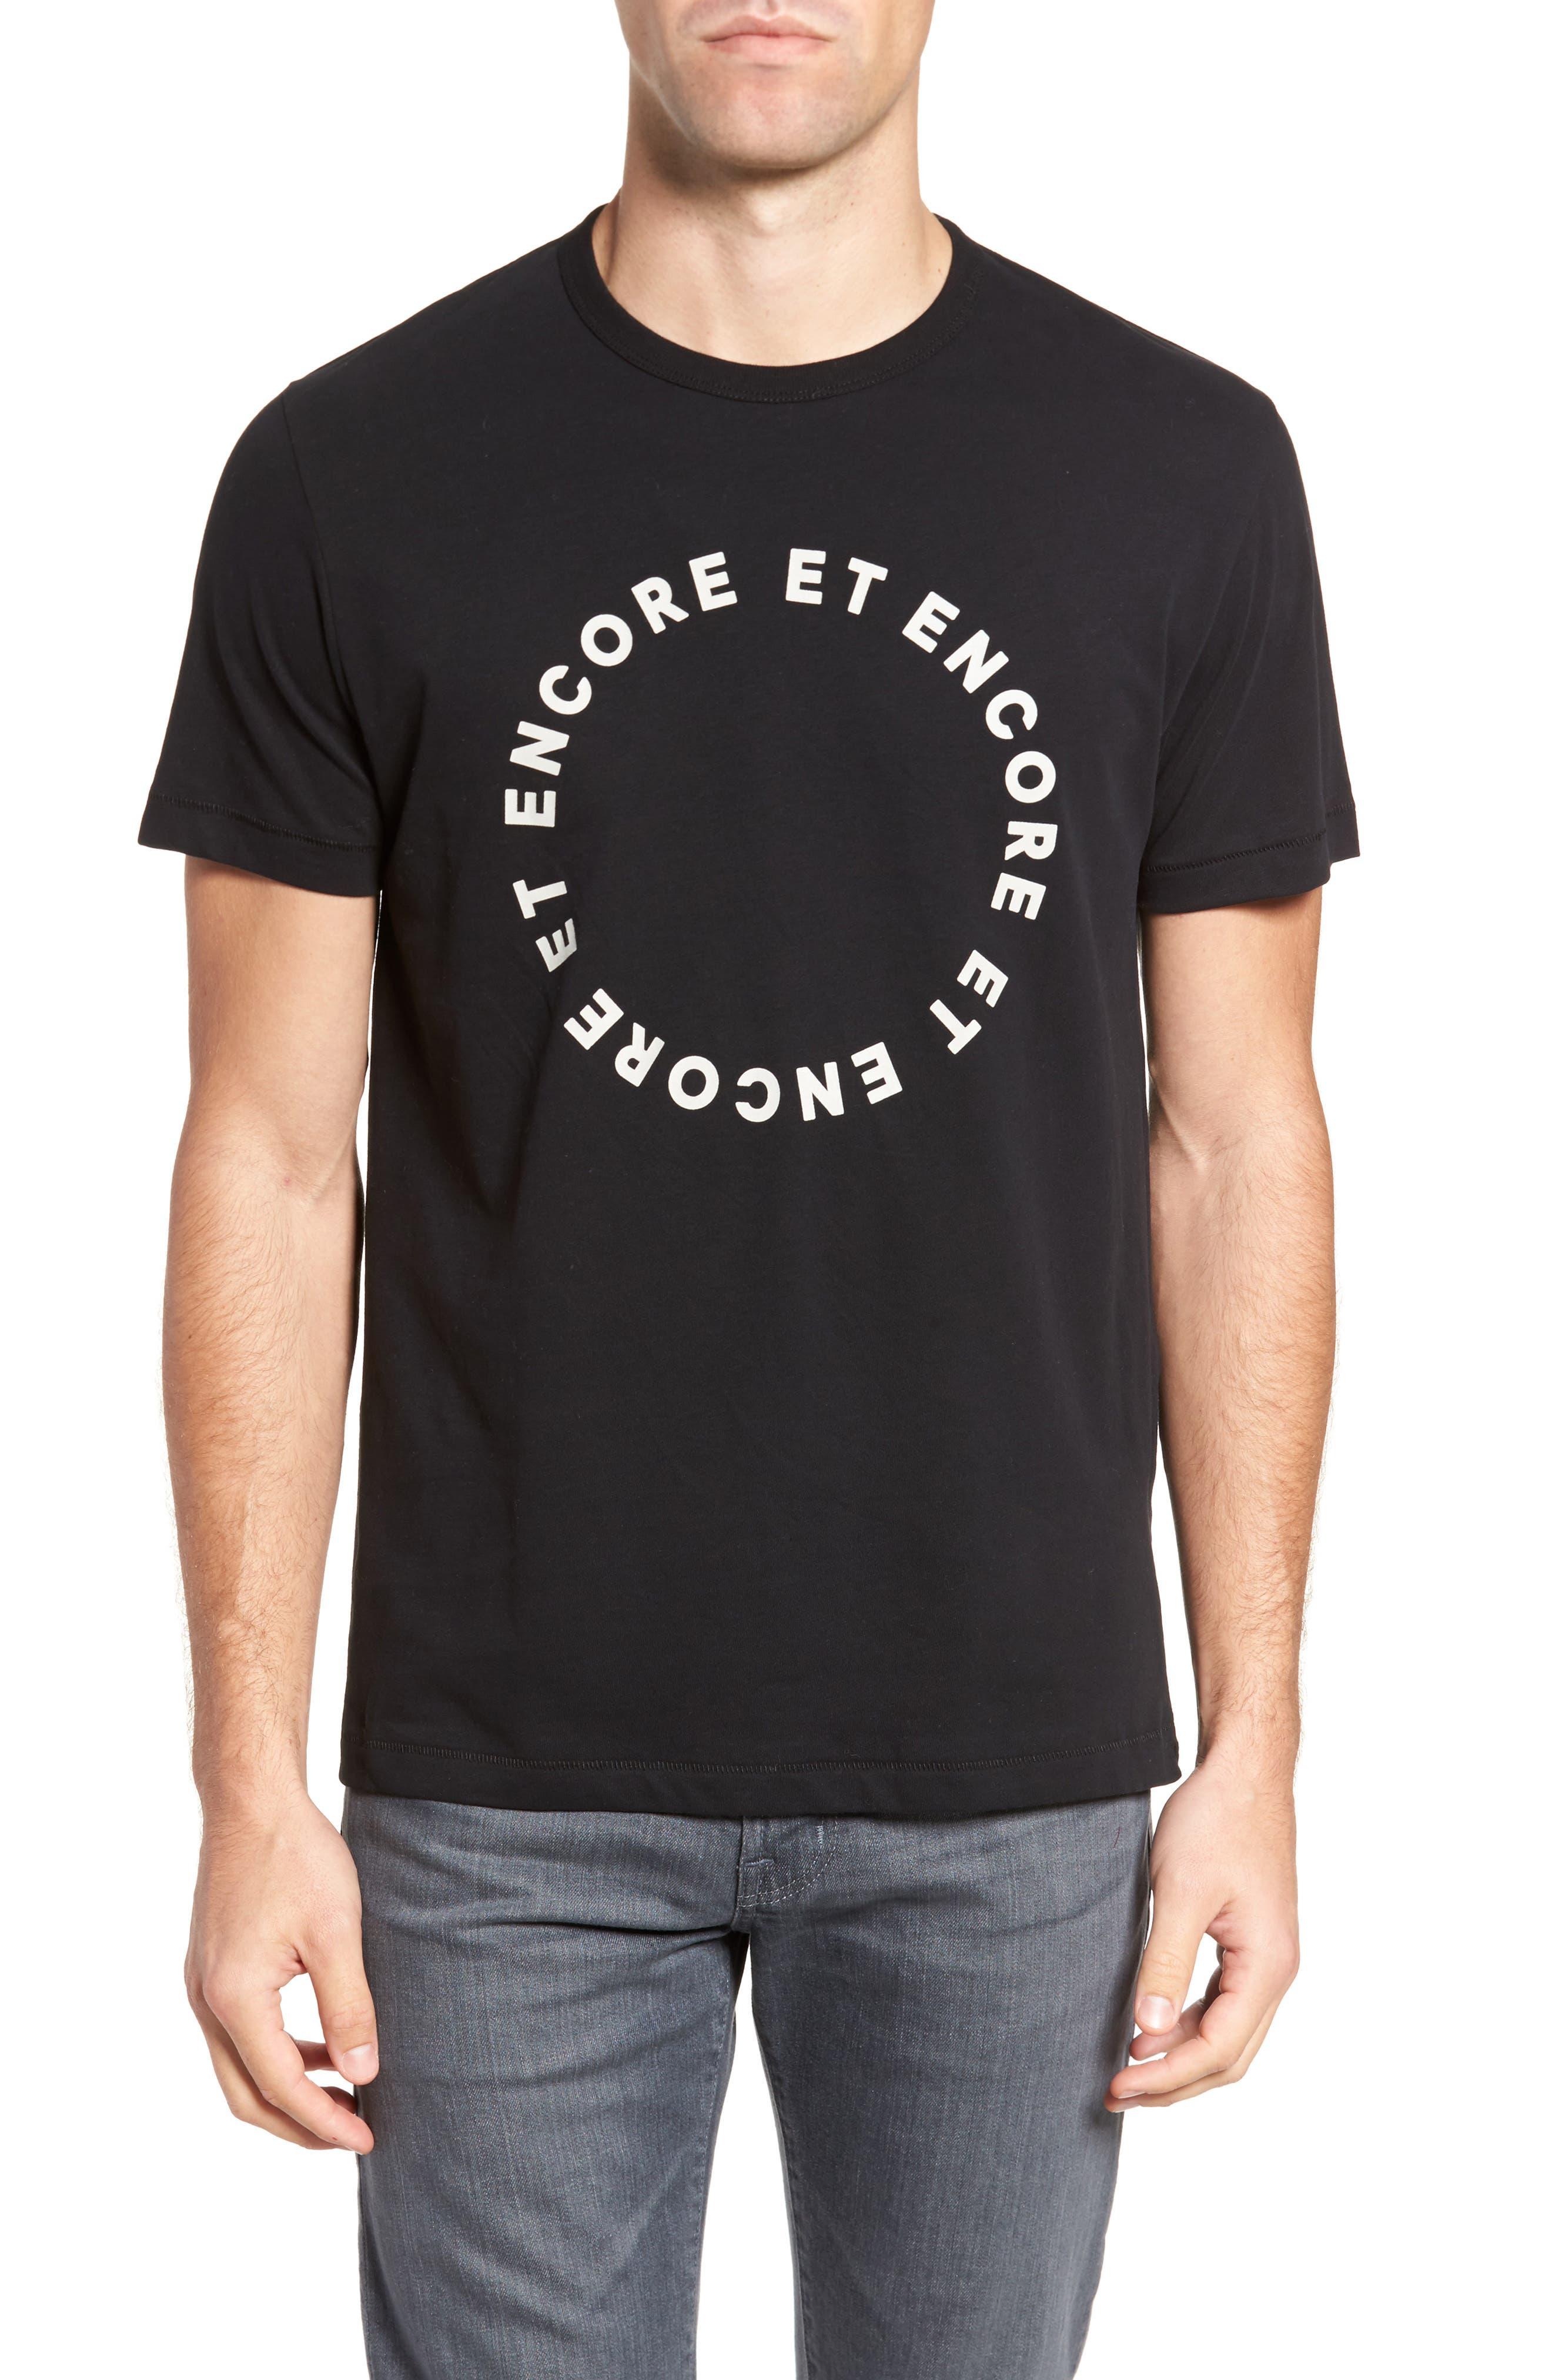 French Connection Encore Et Encore Regular Fit T-Shirt